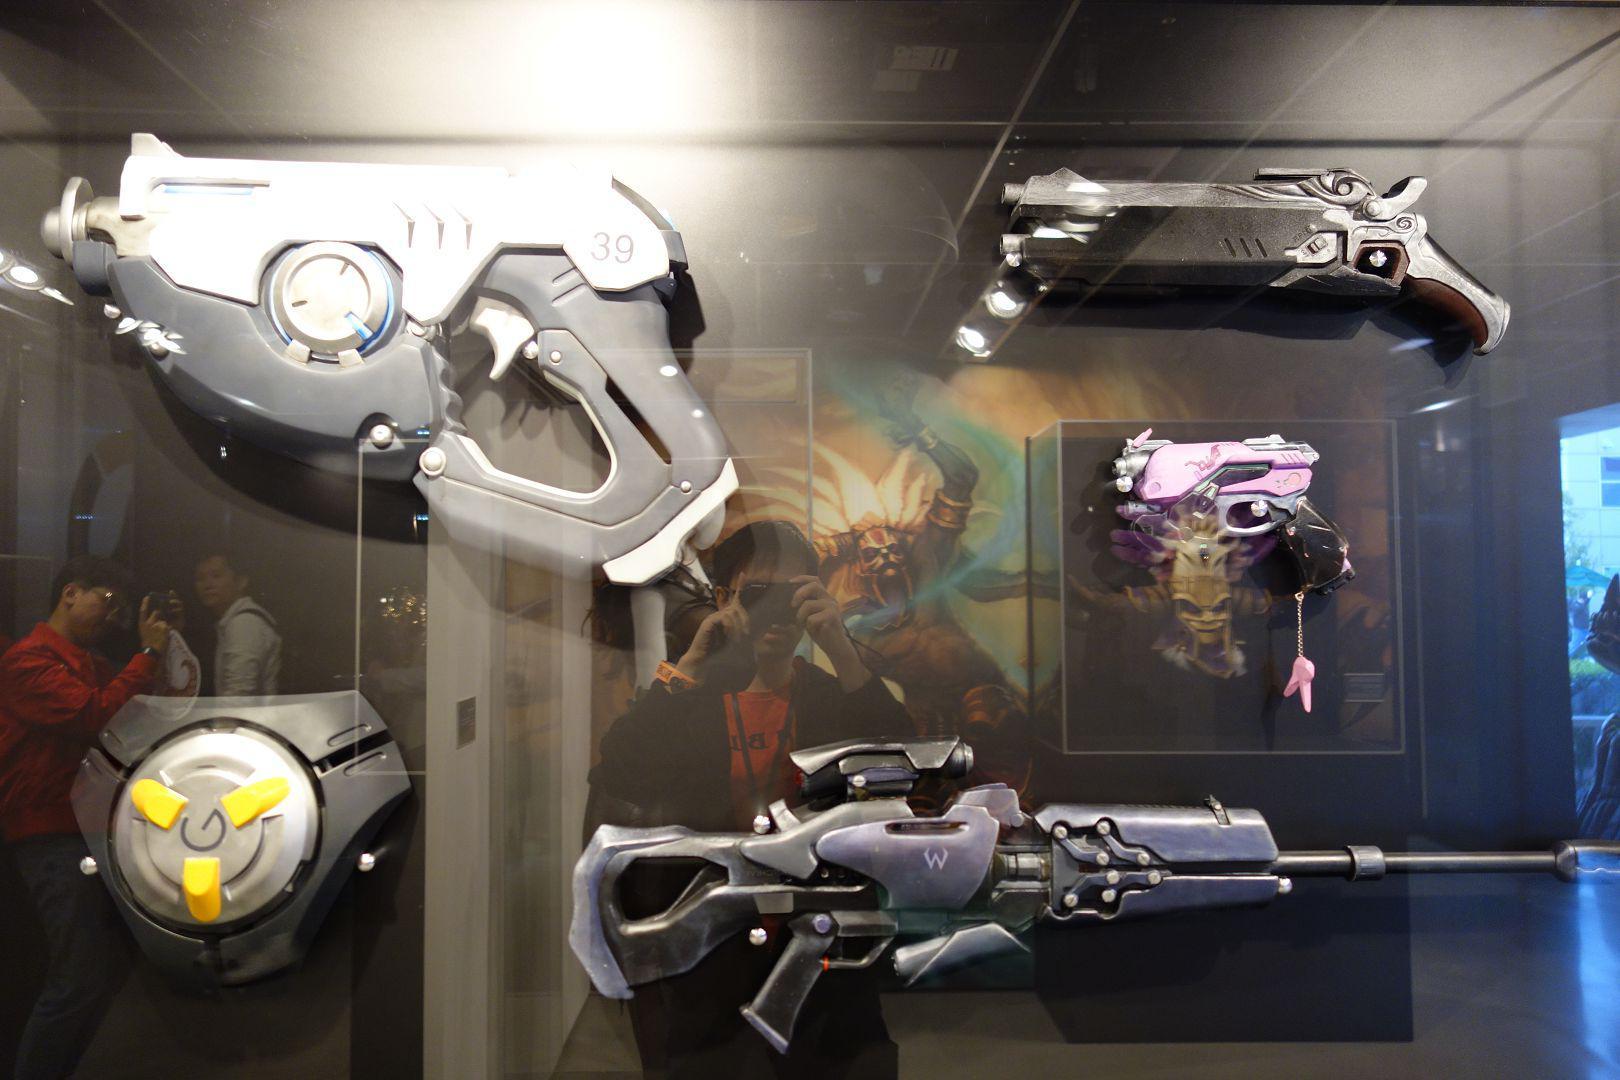 各种守望英雄的武器